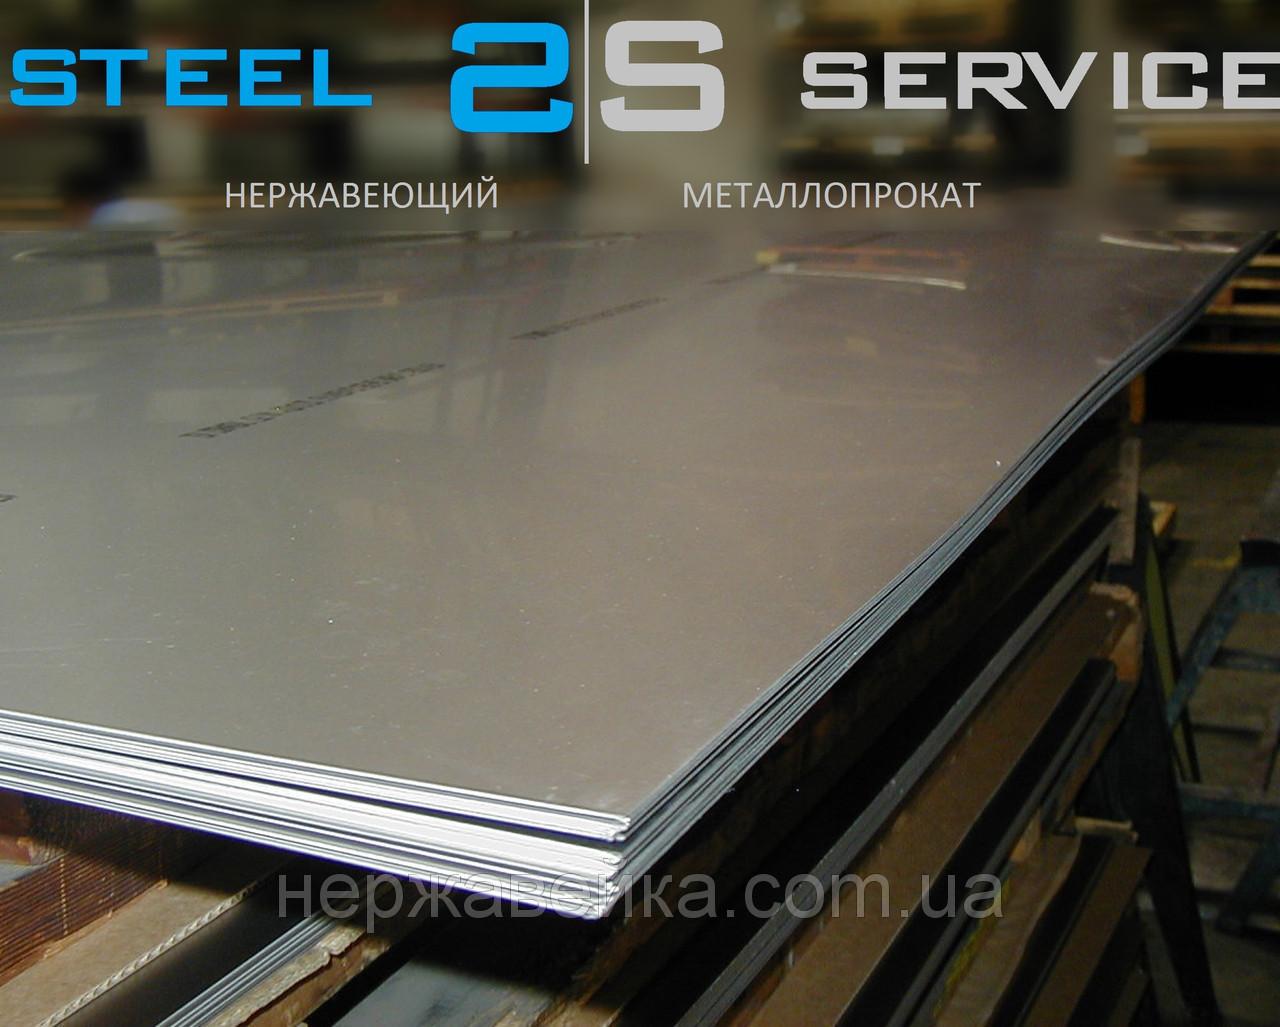 Нержавейка лист 40х1500х6000мм AISI 304(08Х18Н10) F1 - горячекатанный,  пищевой